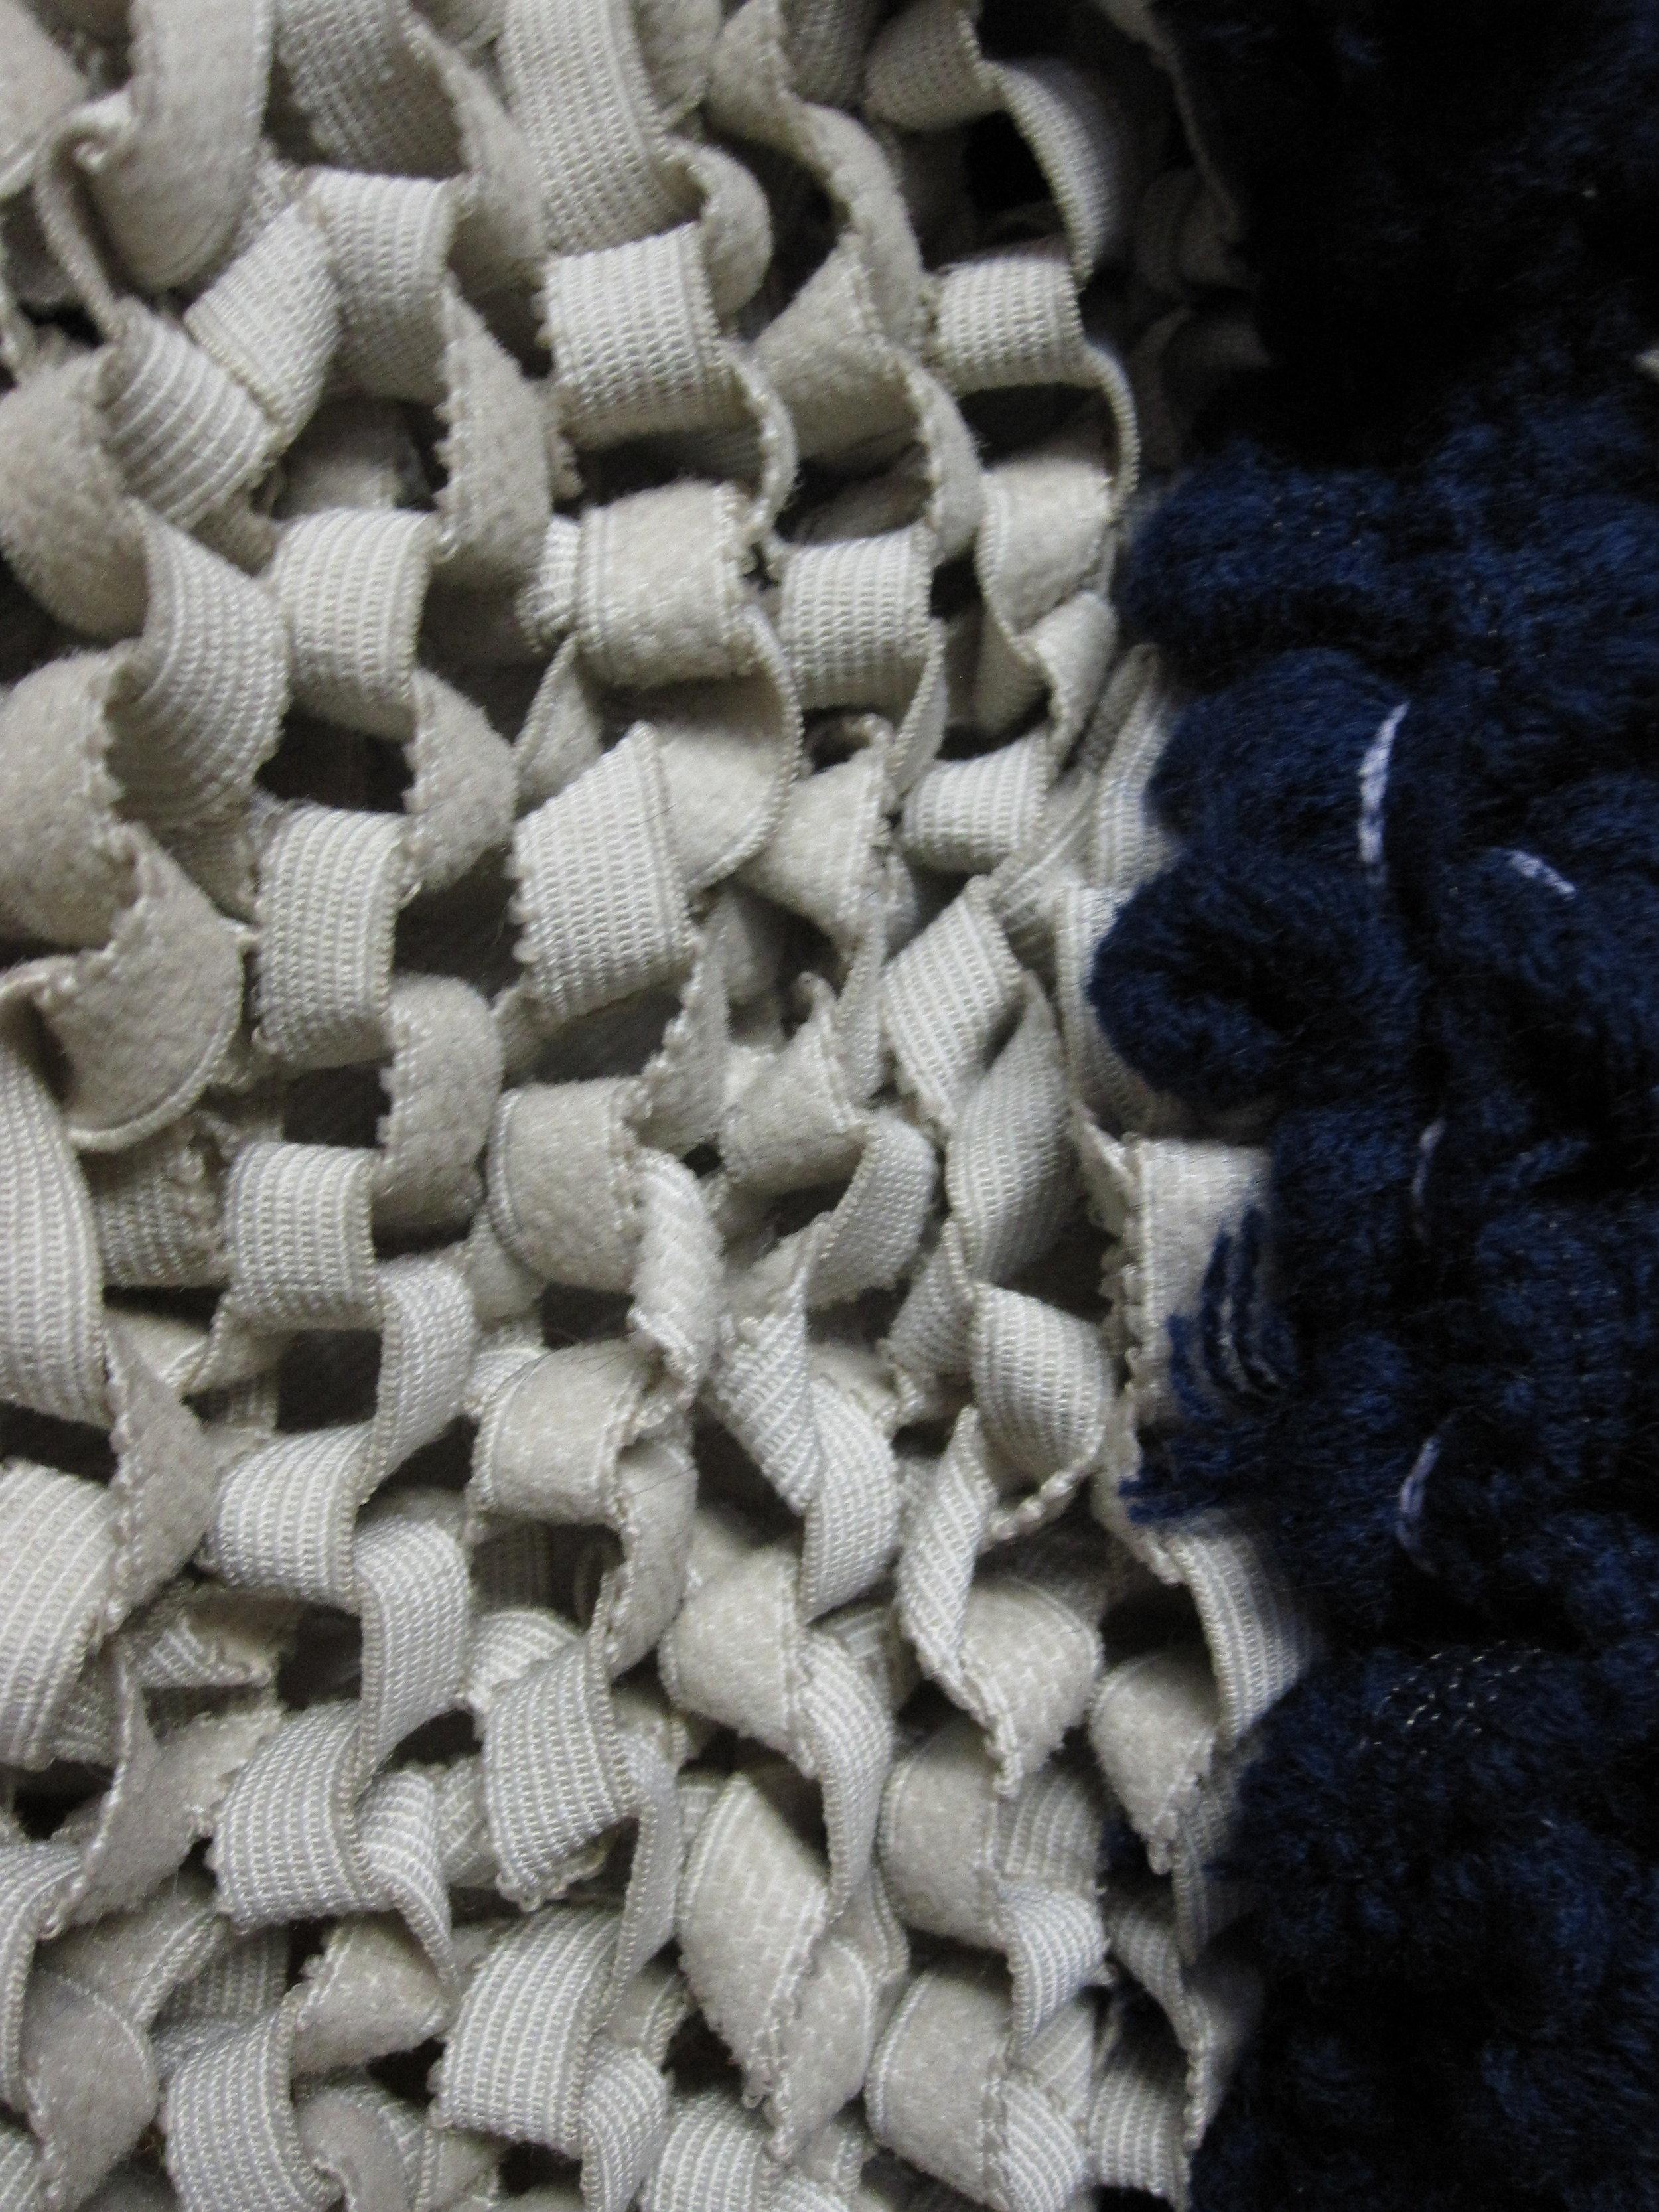 knittingmarathon10_4314489125_o.jpg